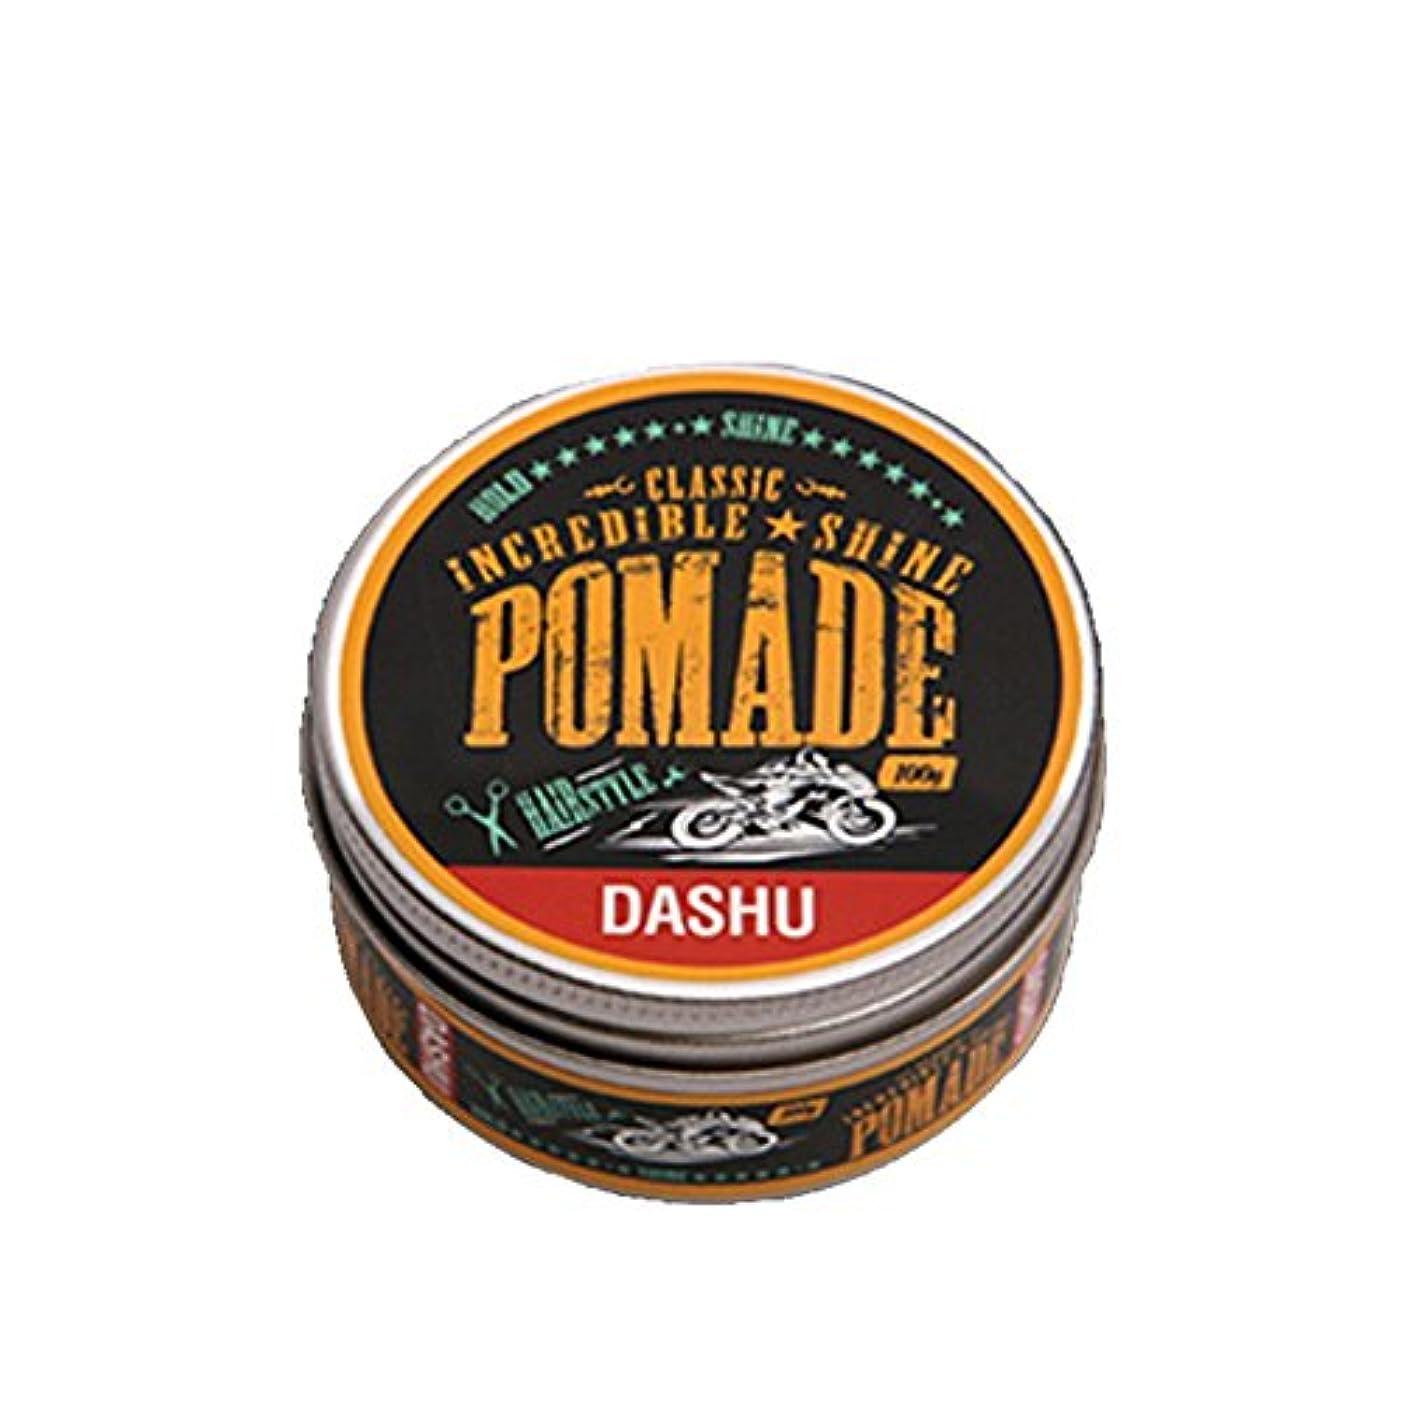 の量ダム振り返る[DASHU] ダシュ クラシック 信じられないほどの輝き ポマードワックス Classic Incredible Shine Pomade Hair Wax 100ml / 韓国製 . 韓国直送品